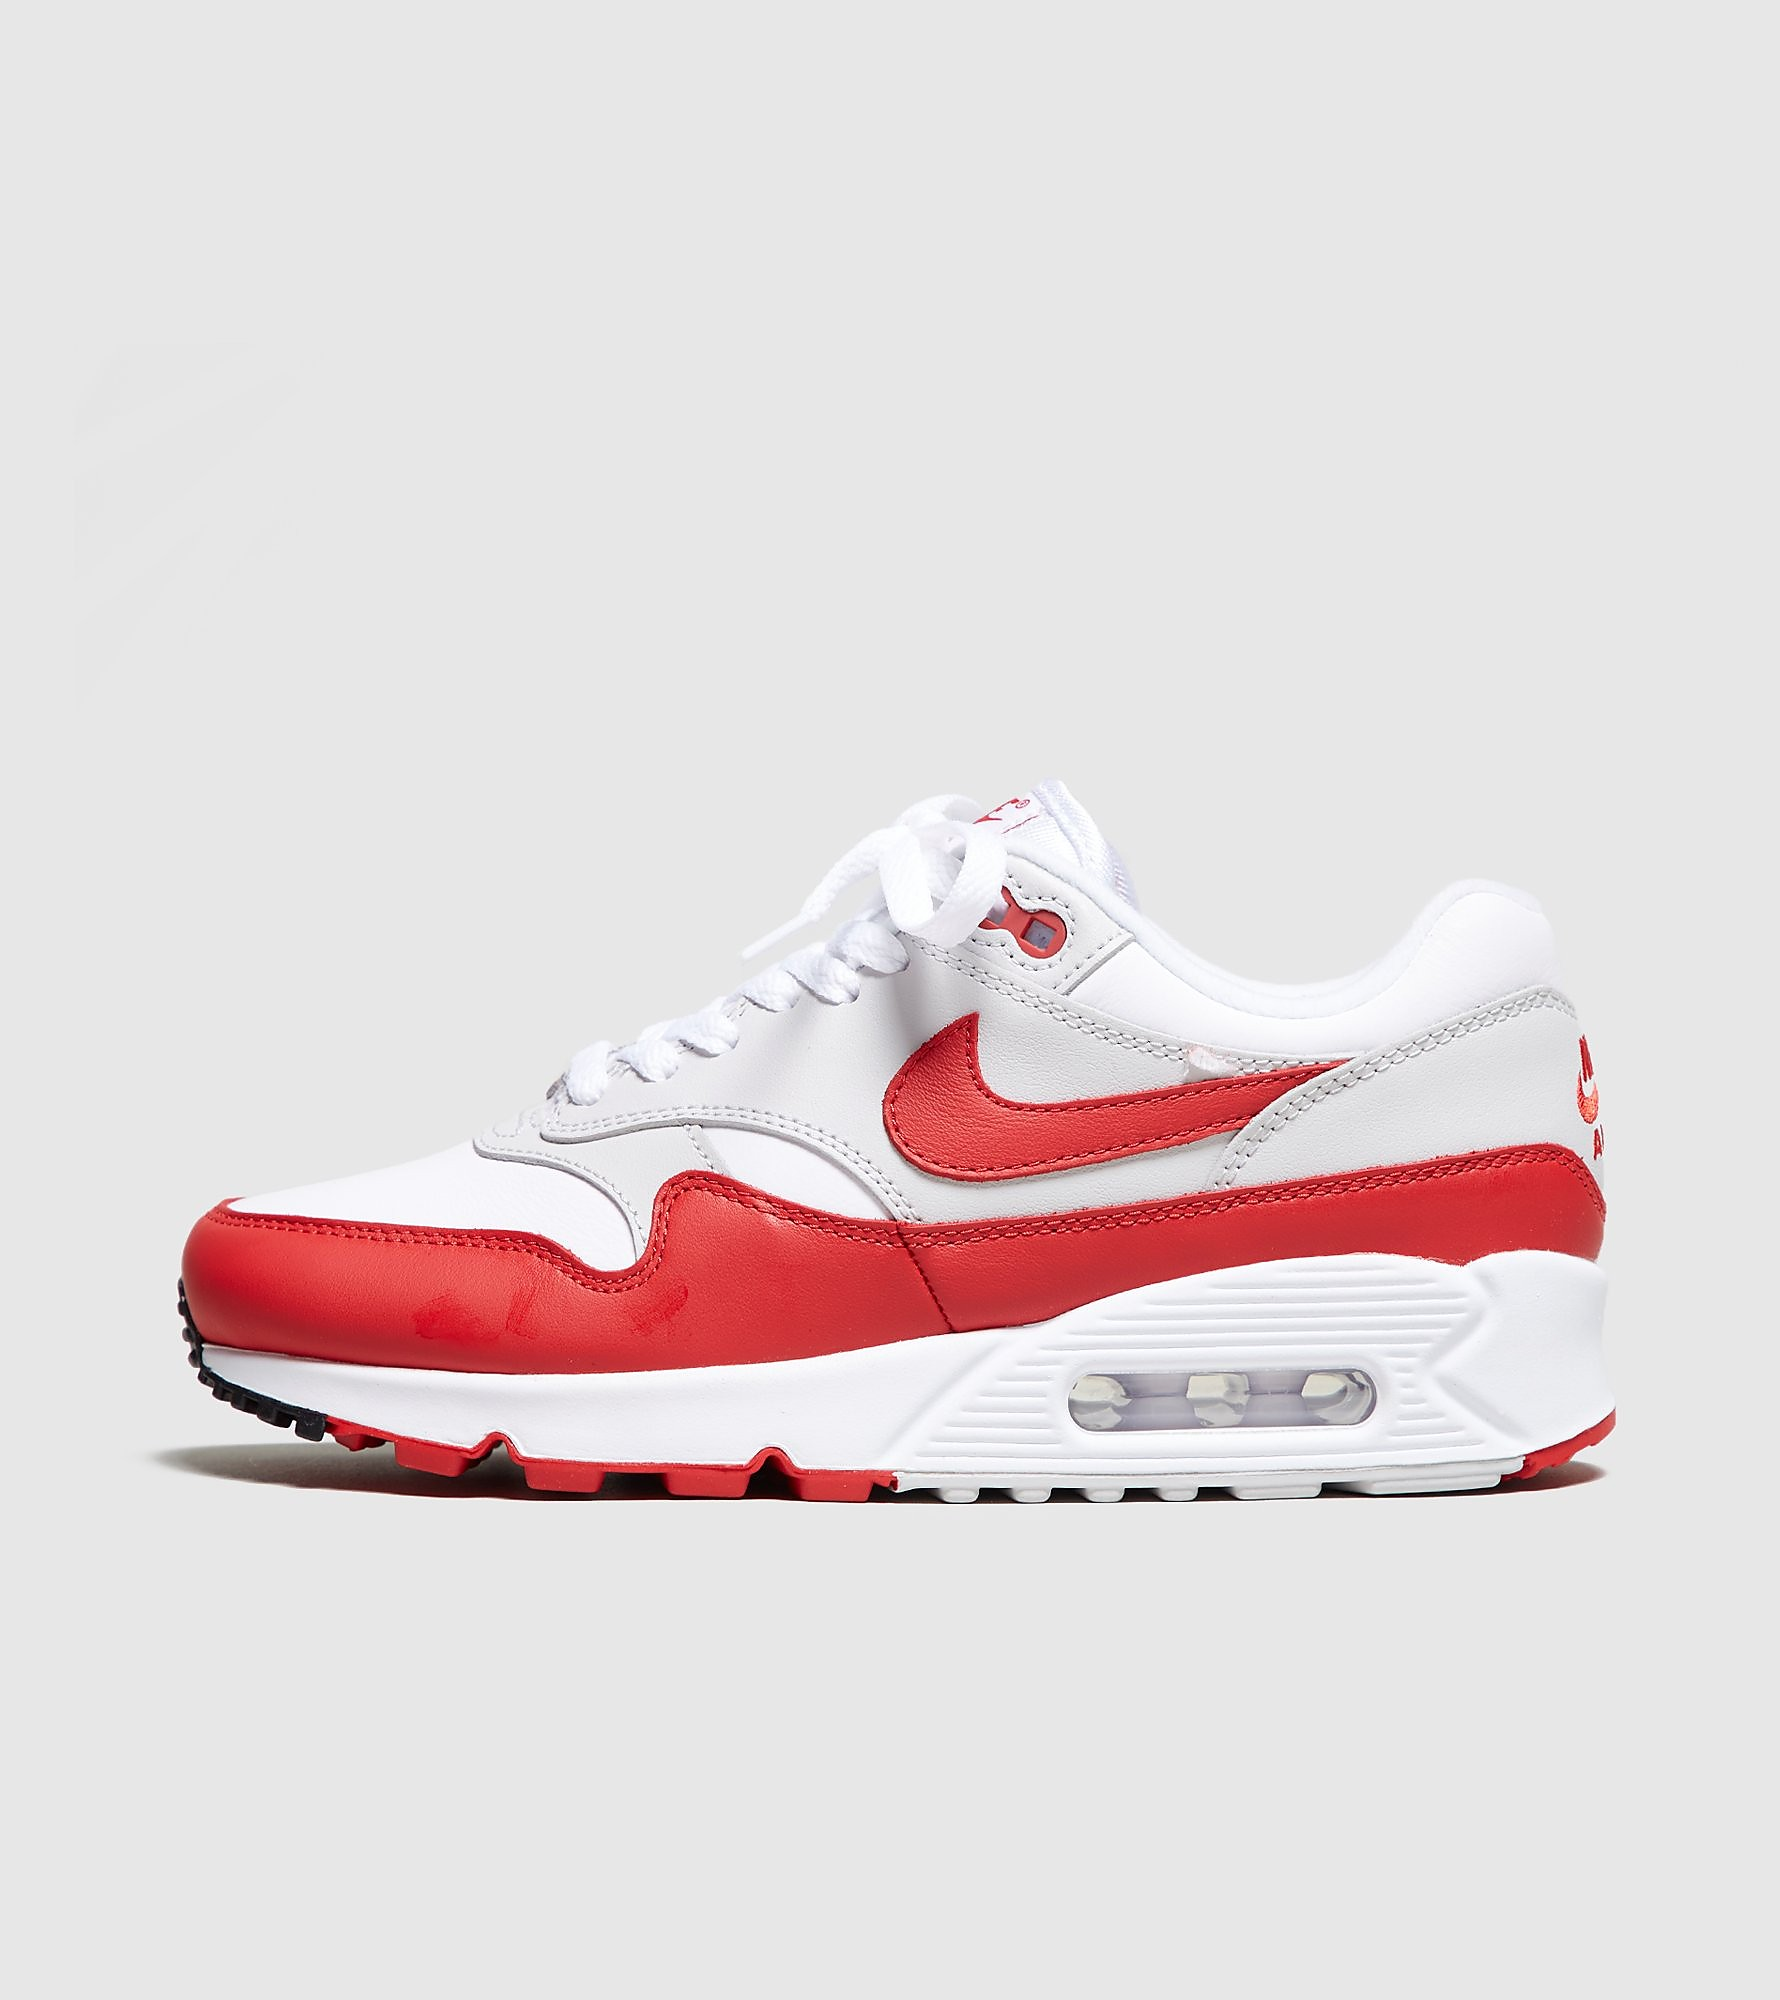 new products bf9b1 0ae24 Nike Air Max 90 1  Consultas y recomendaciones - Ofertas de zapatillas para  comprar online   Sneakers